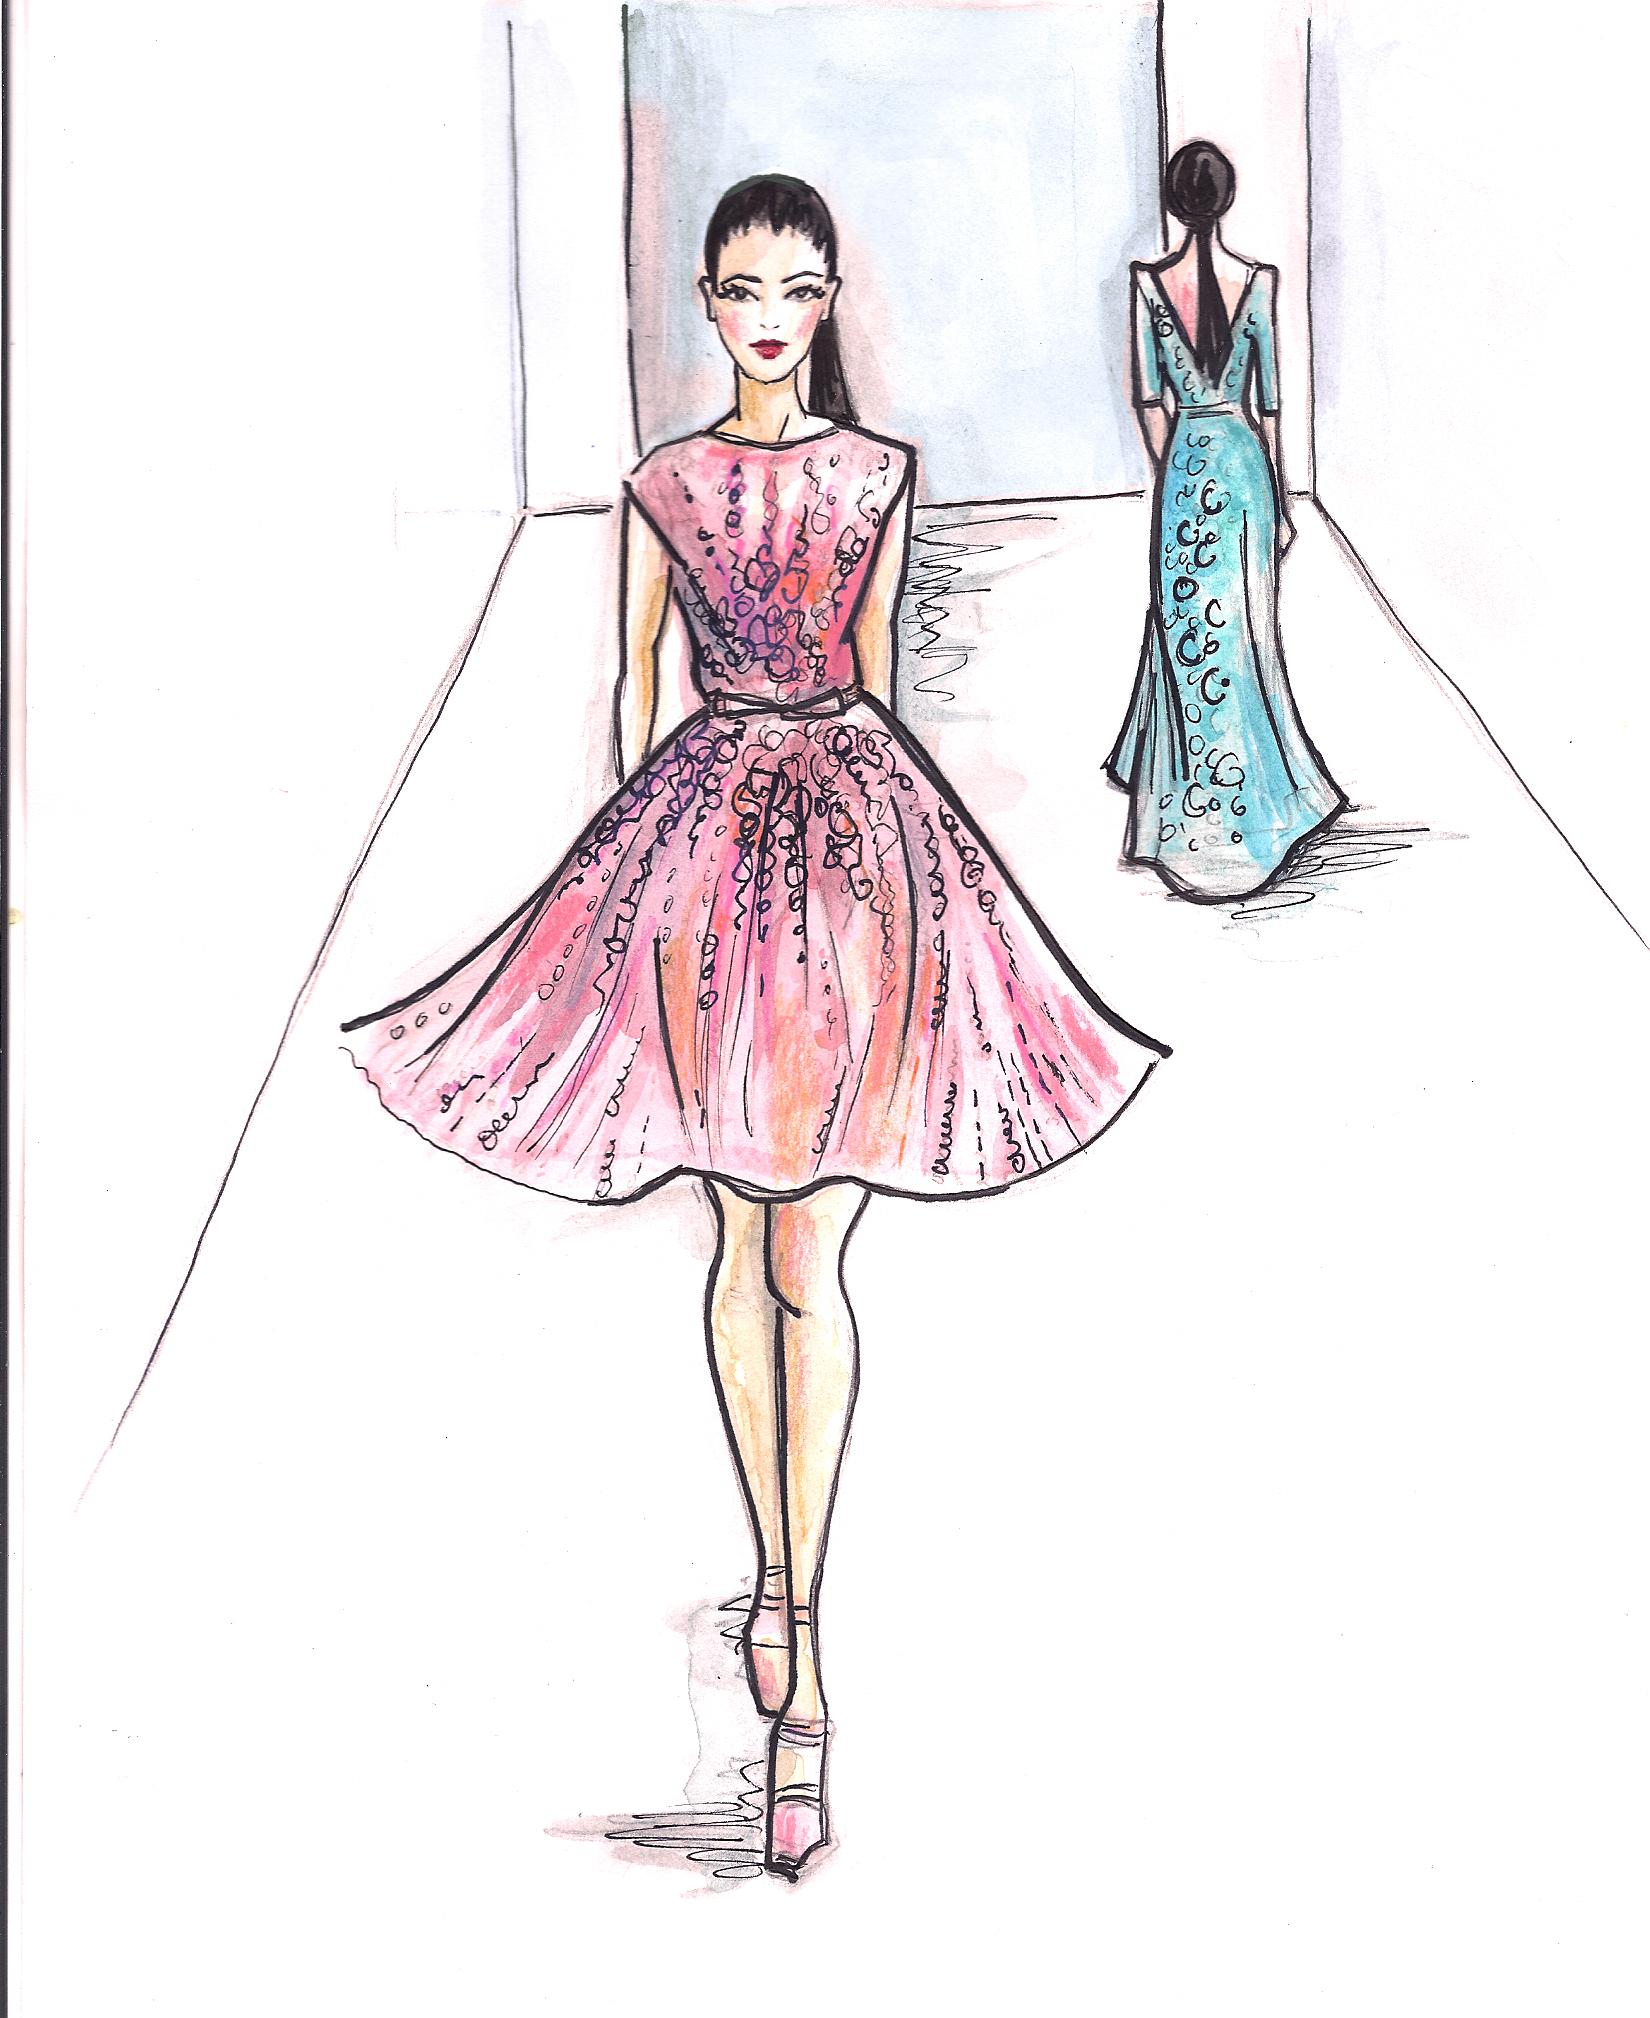 1650x2018 More Fashion Week Illustrations Sara Japanwalla